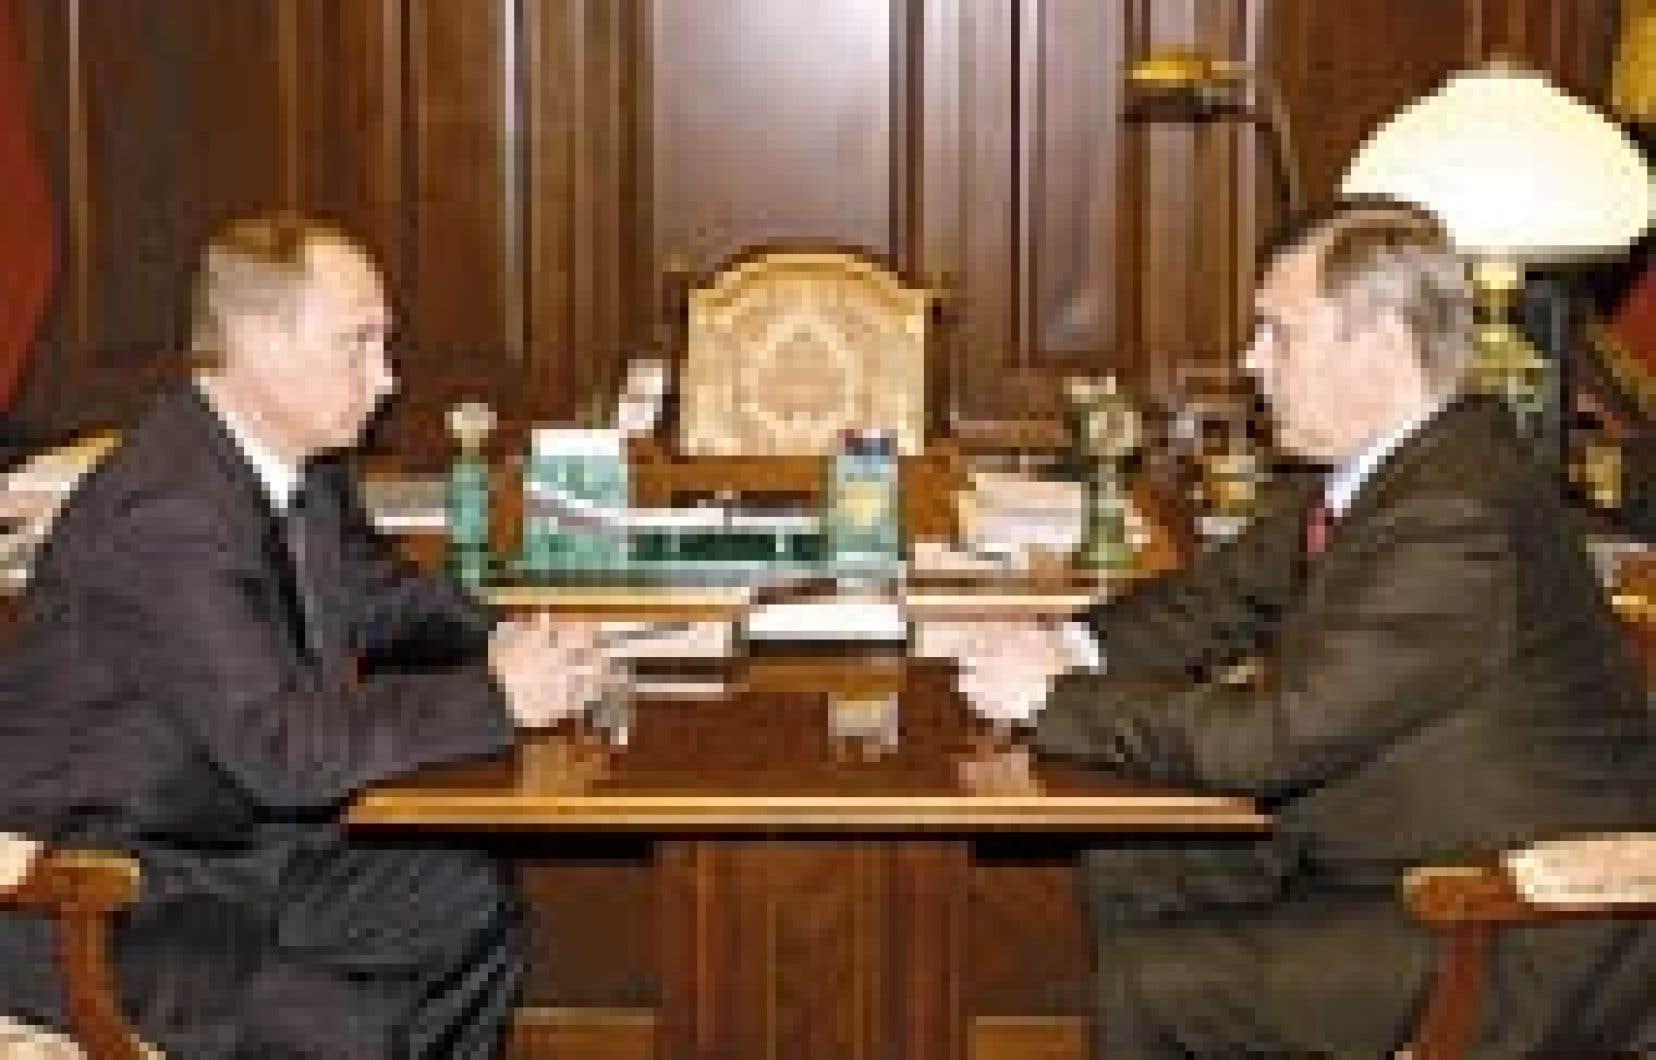 Vladimir Poutine avait une bien mauvaise nouvelle pour le premier ministre Mikhail Kasianov, qu'il a rencontré hier au Kremlin afin de lui annoncer son limogeage. — Source: Agence Itar-Tass